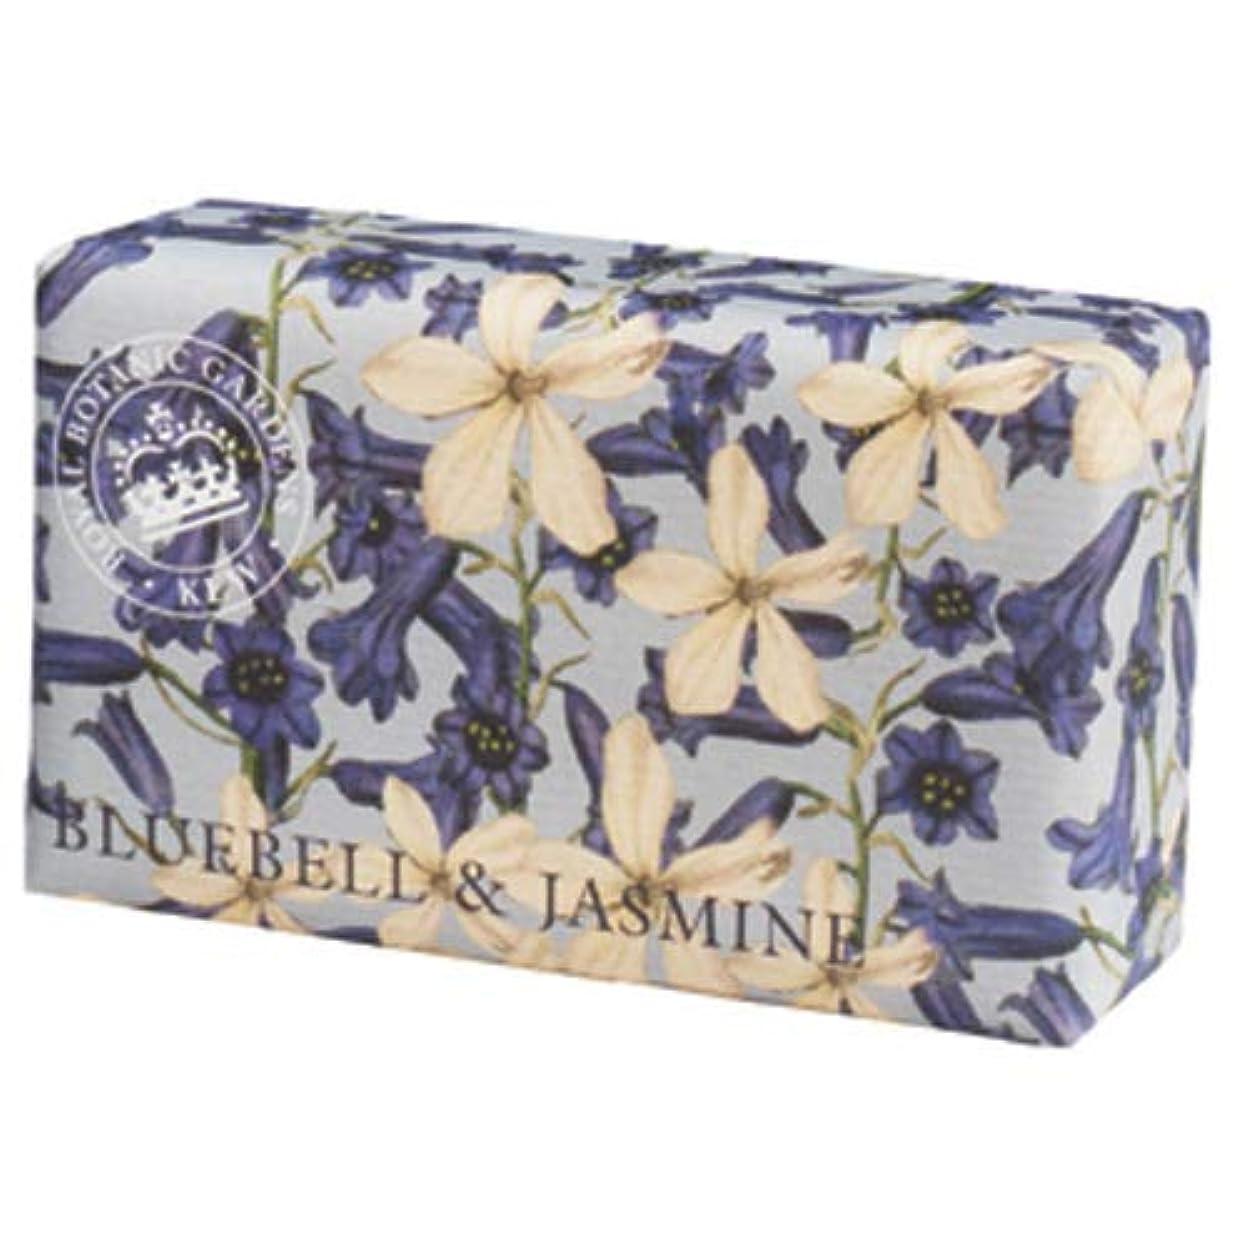 代わりに日帰り旅行に祖母English Soap Company イングリッシュソープカンパニー KEW GARDEN キュー?ガーデン Luxury Shea Soaps シアソープ Bluebell & Jasmine ブルーベル&ジャスミン